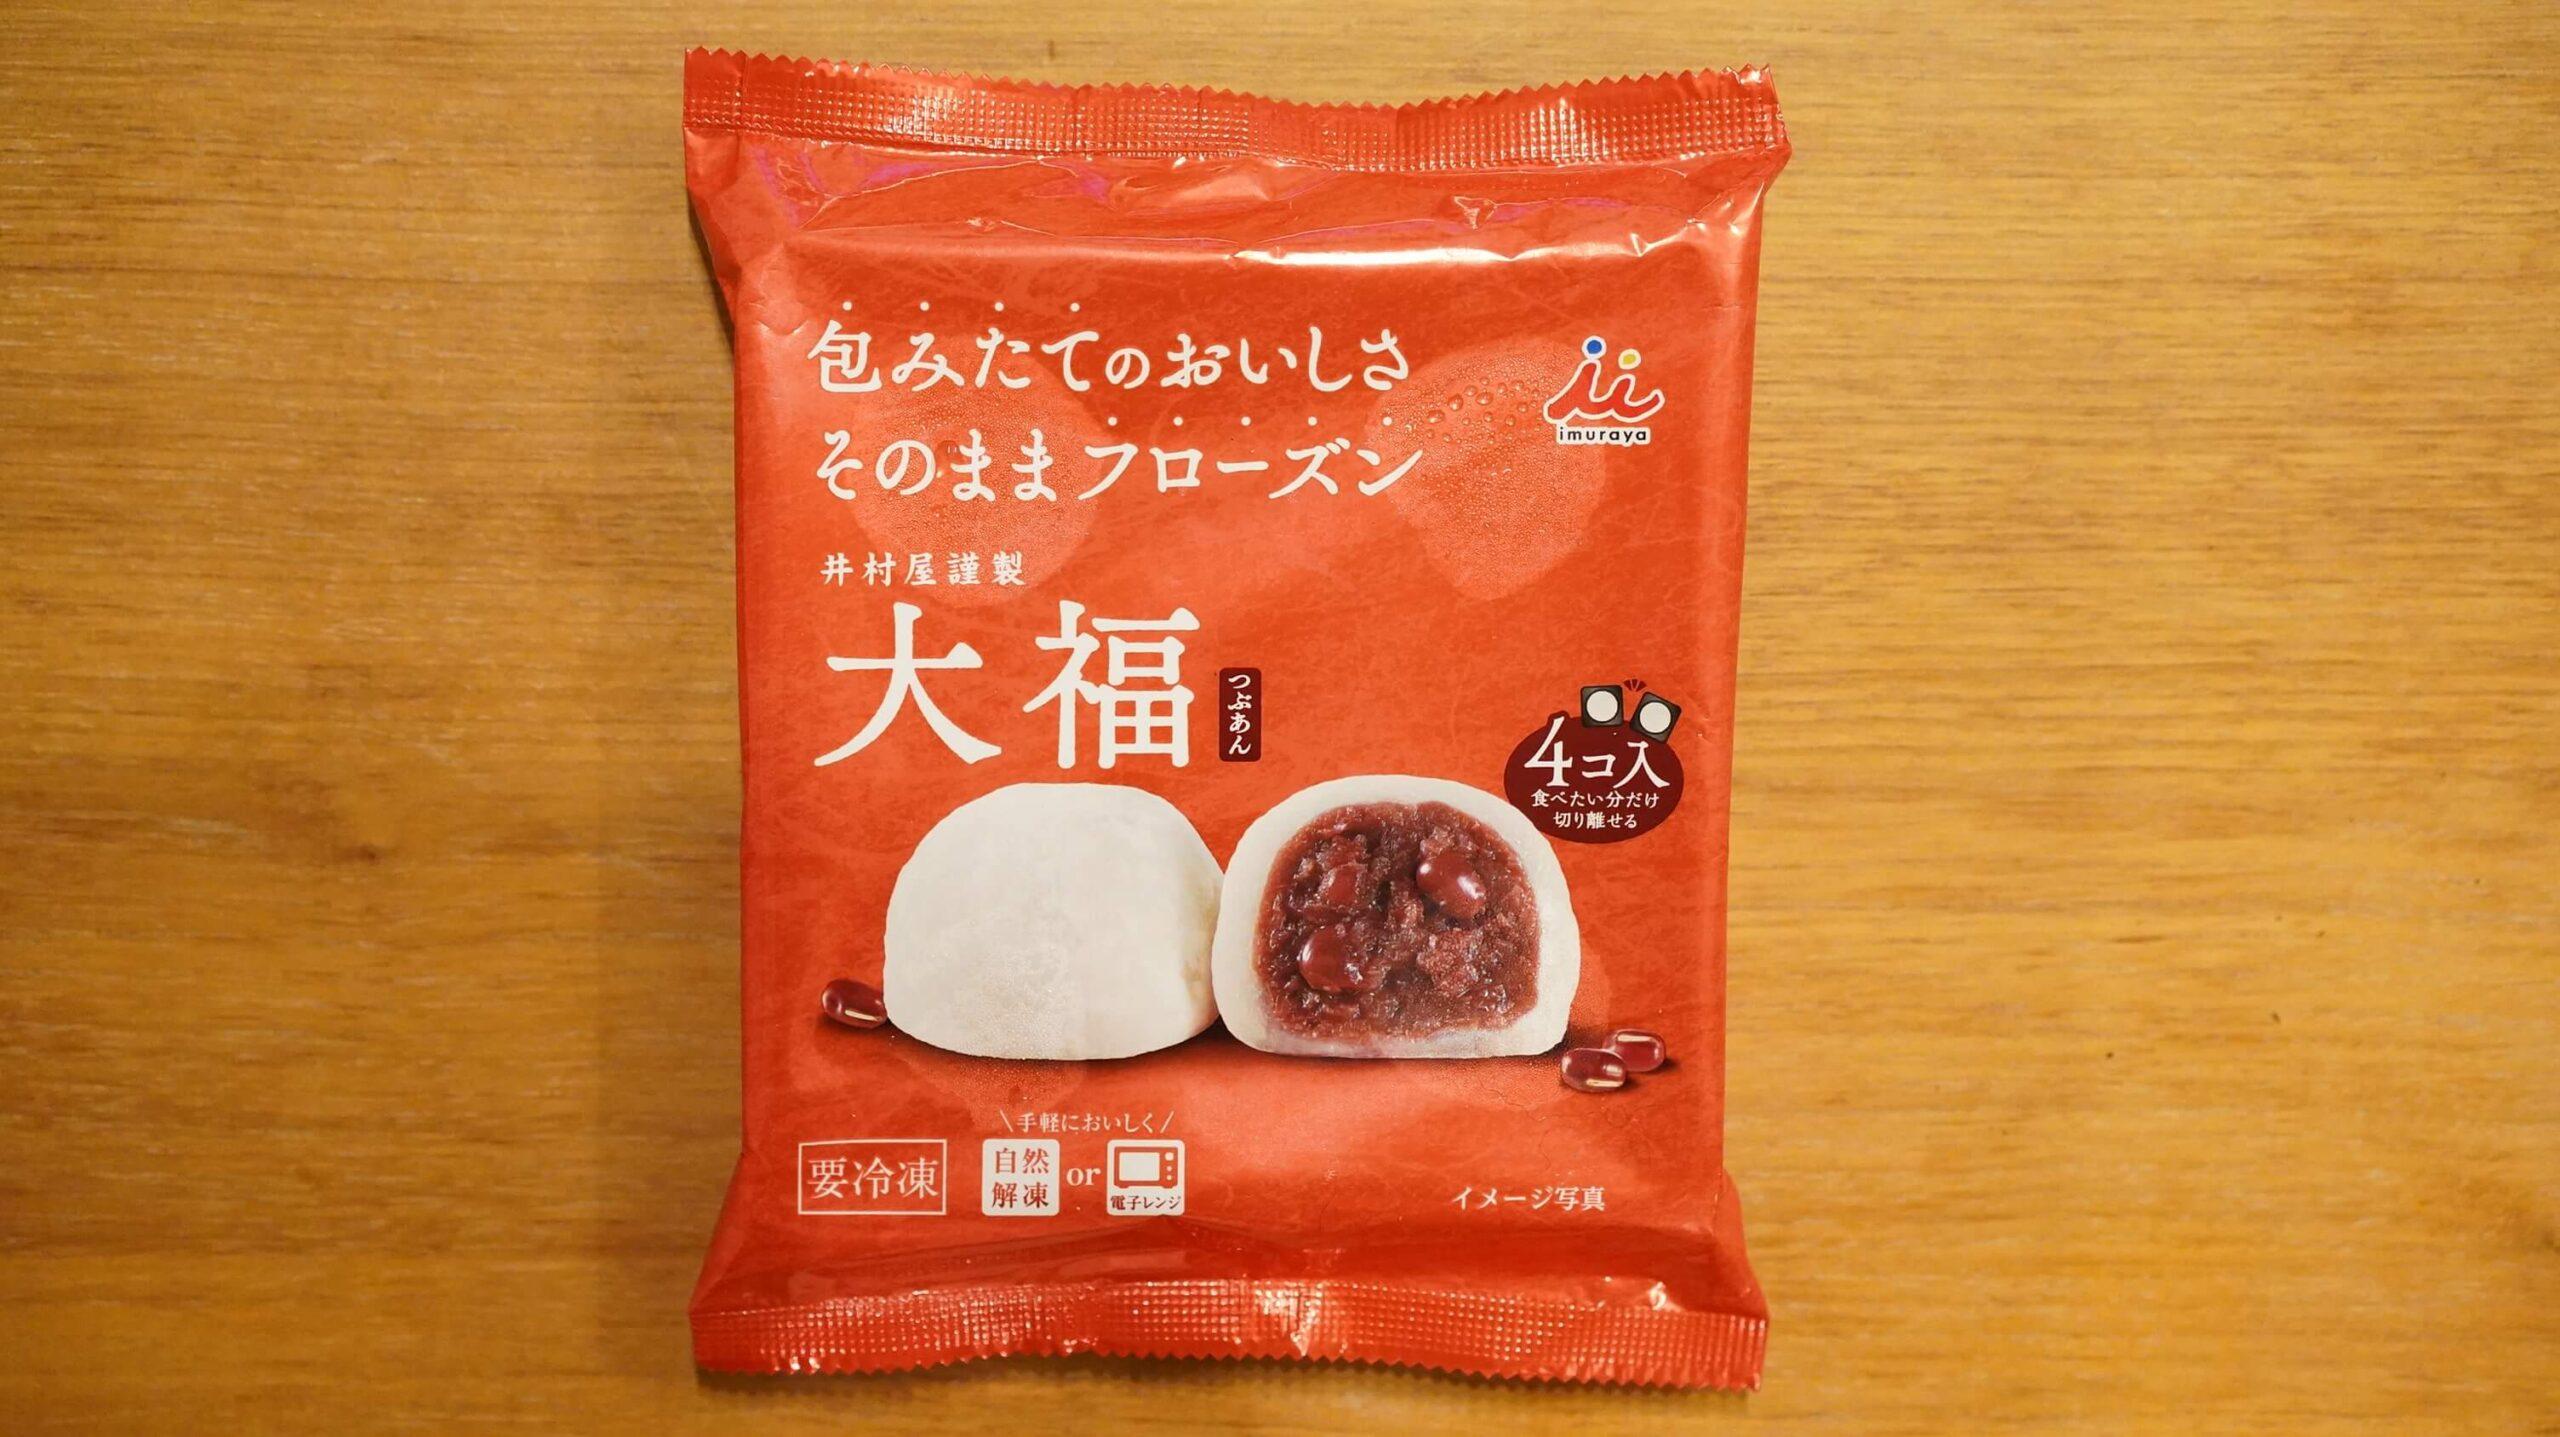 冷凍食品の和菓子スイーツ「井村屋謹製・大福」のパッケージの写真